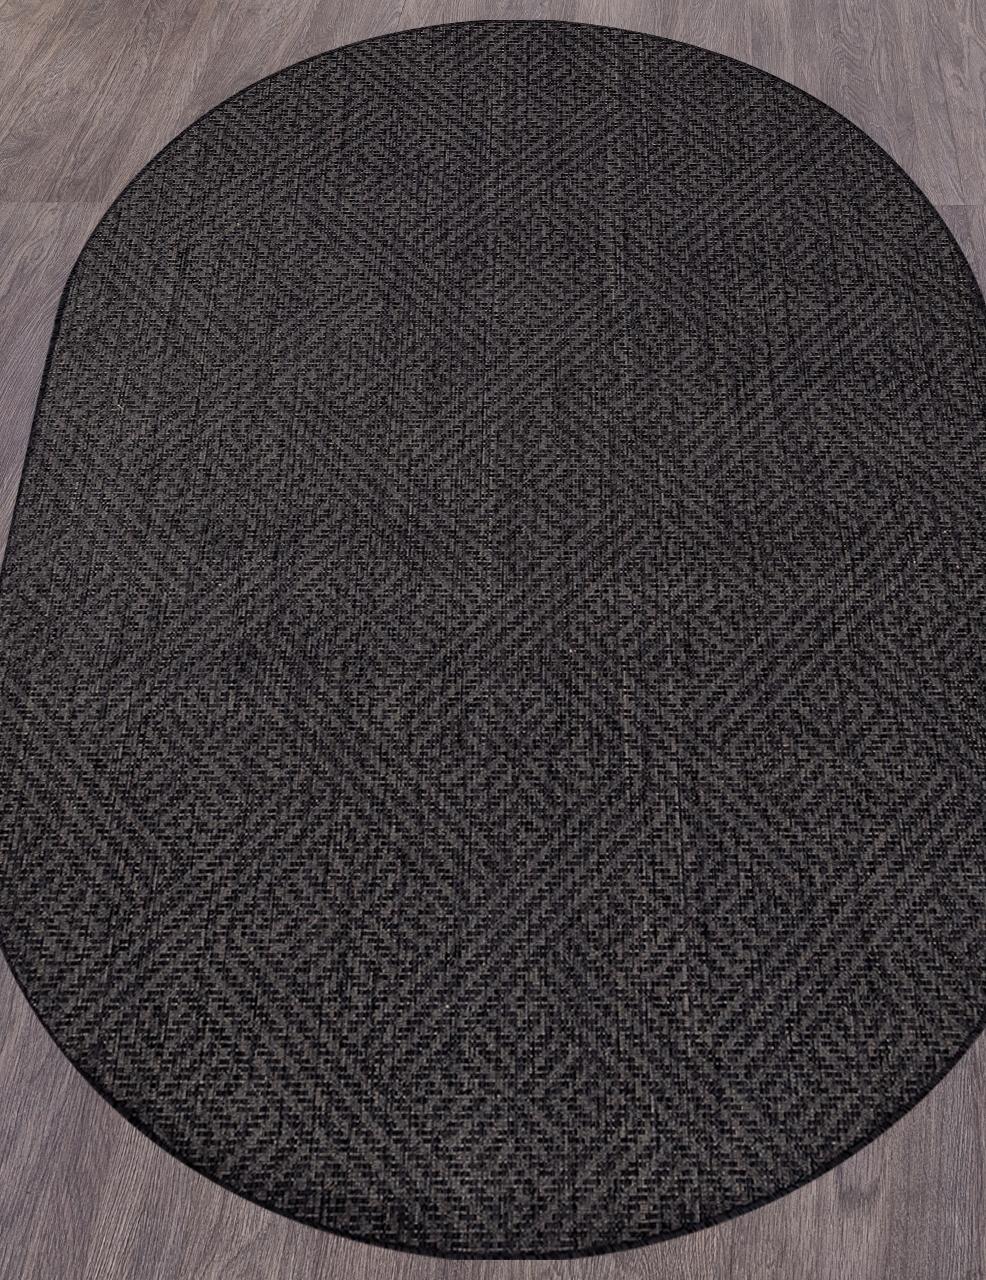 VEGAS - S115 - BLACK